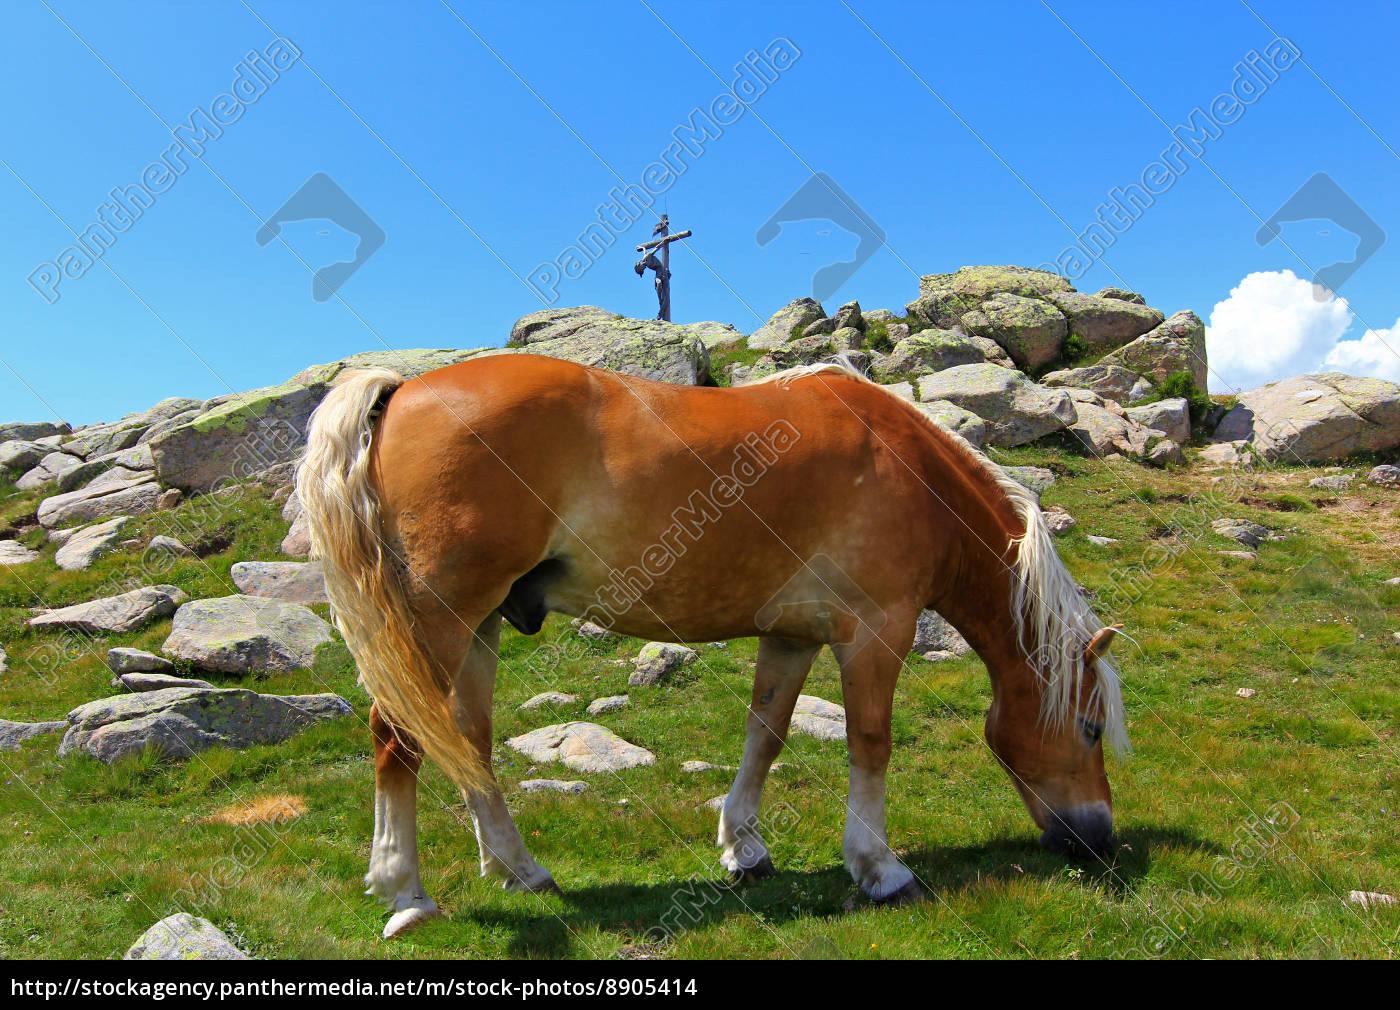 horse, rock, haflinger horse, high mountains, christ, firmament - 8905414